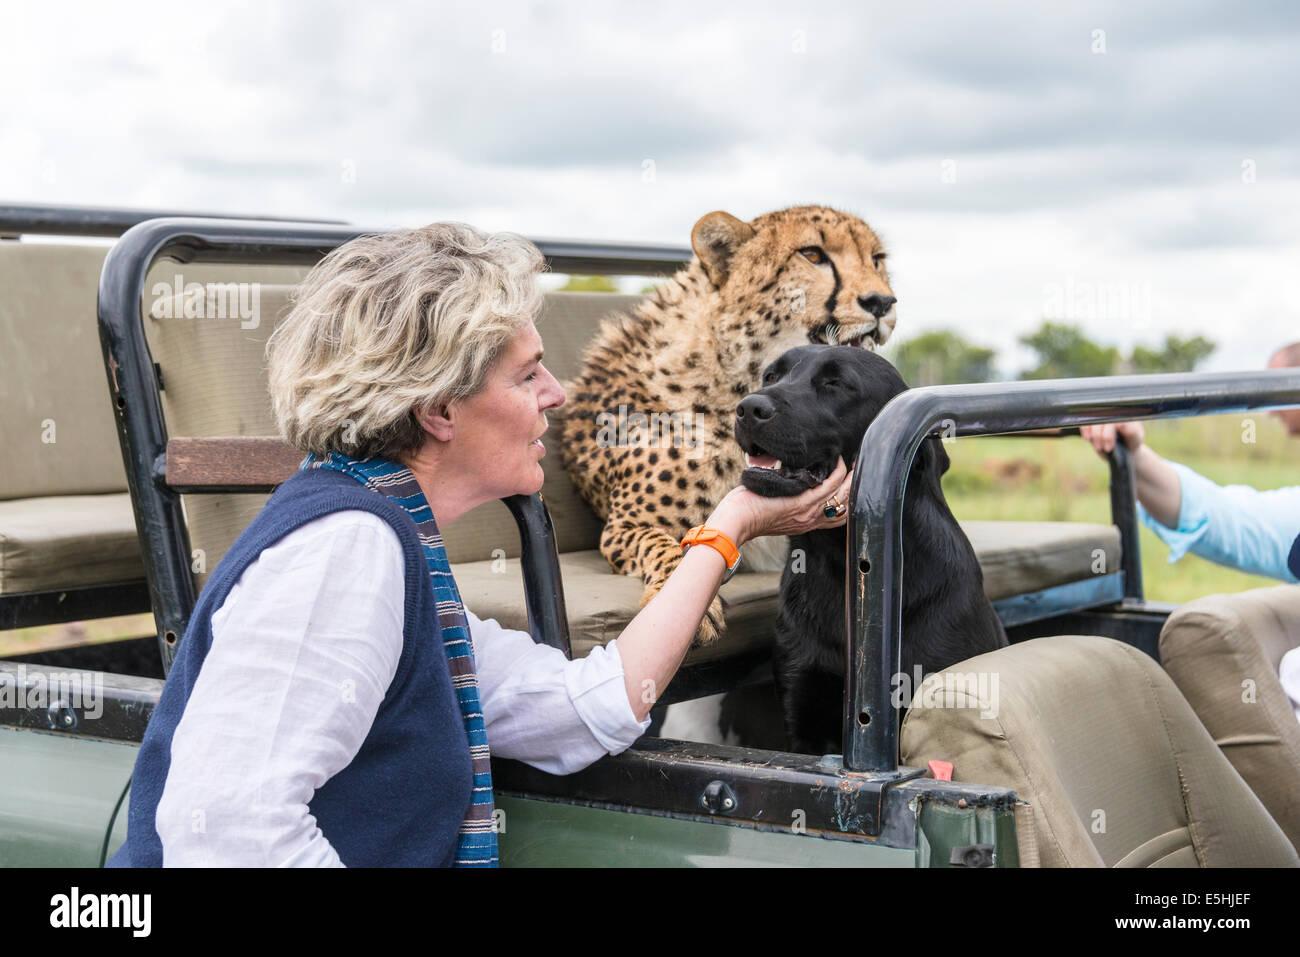 Cheetah, (Acinonyx jubatus) and dogs ride as passengers in jeep, Nambiti Reserve, Kwa-Zulu Natal, South Africa - Stock Image